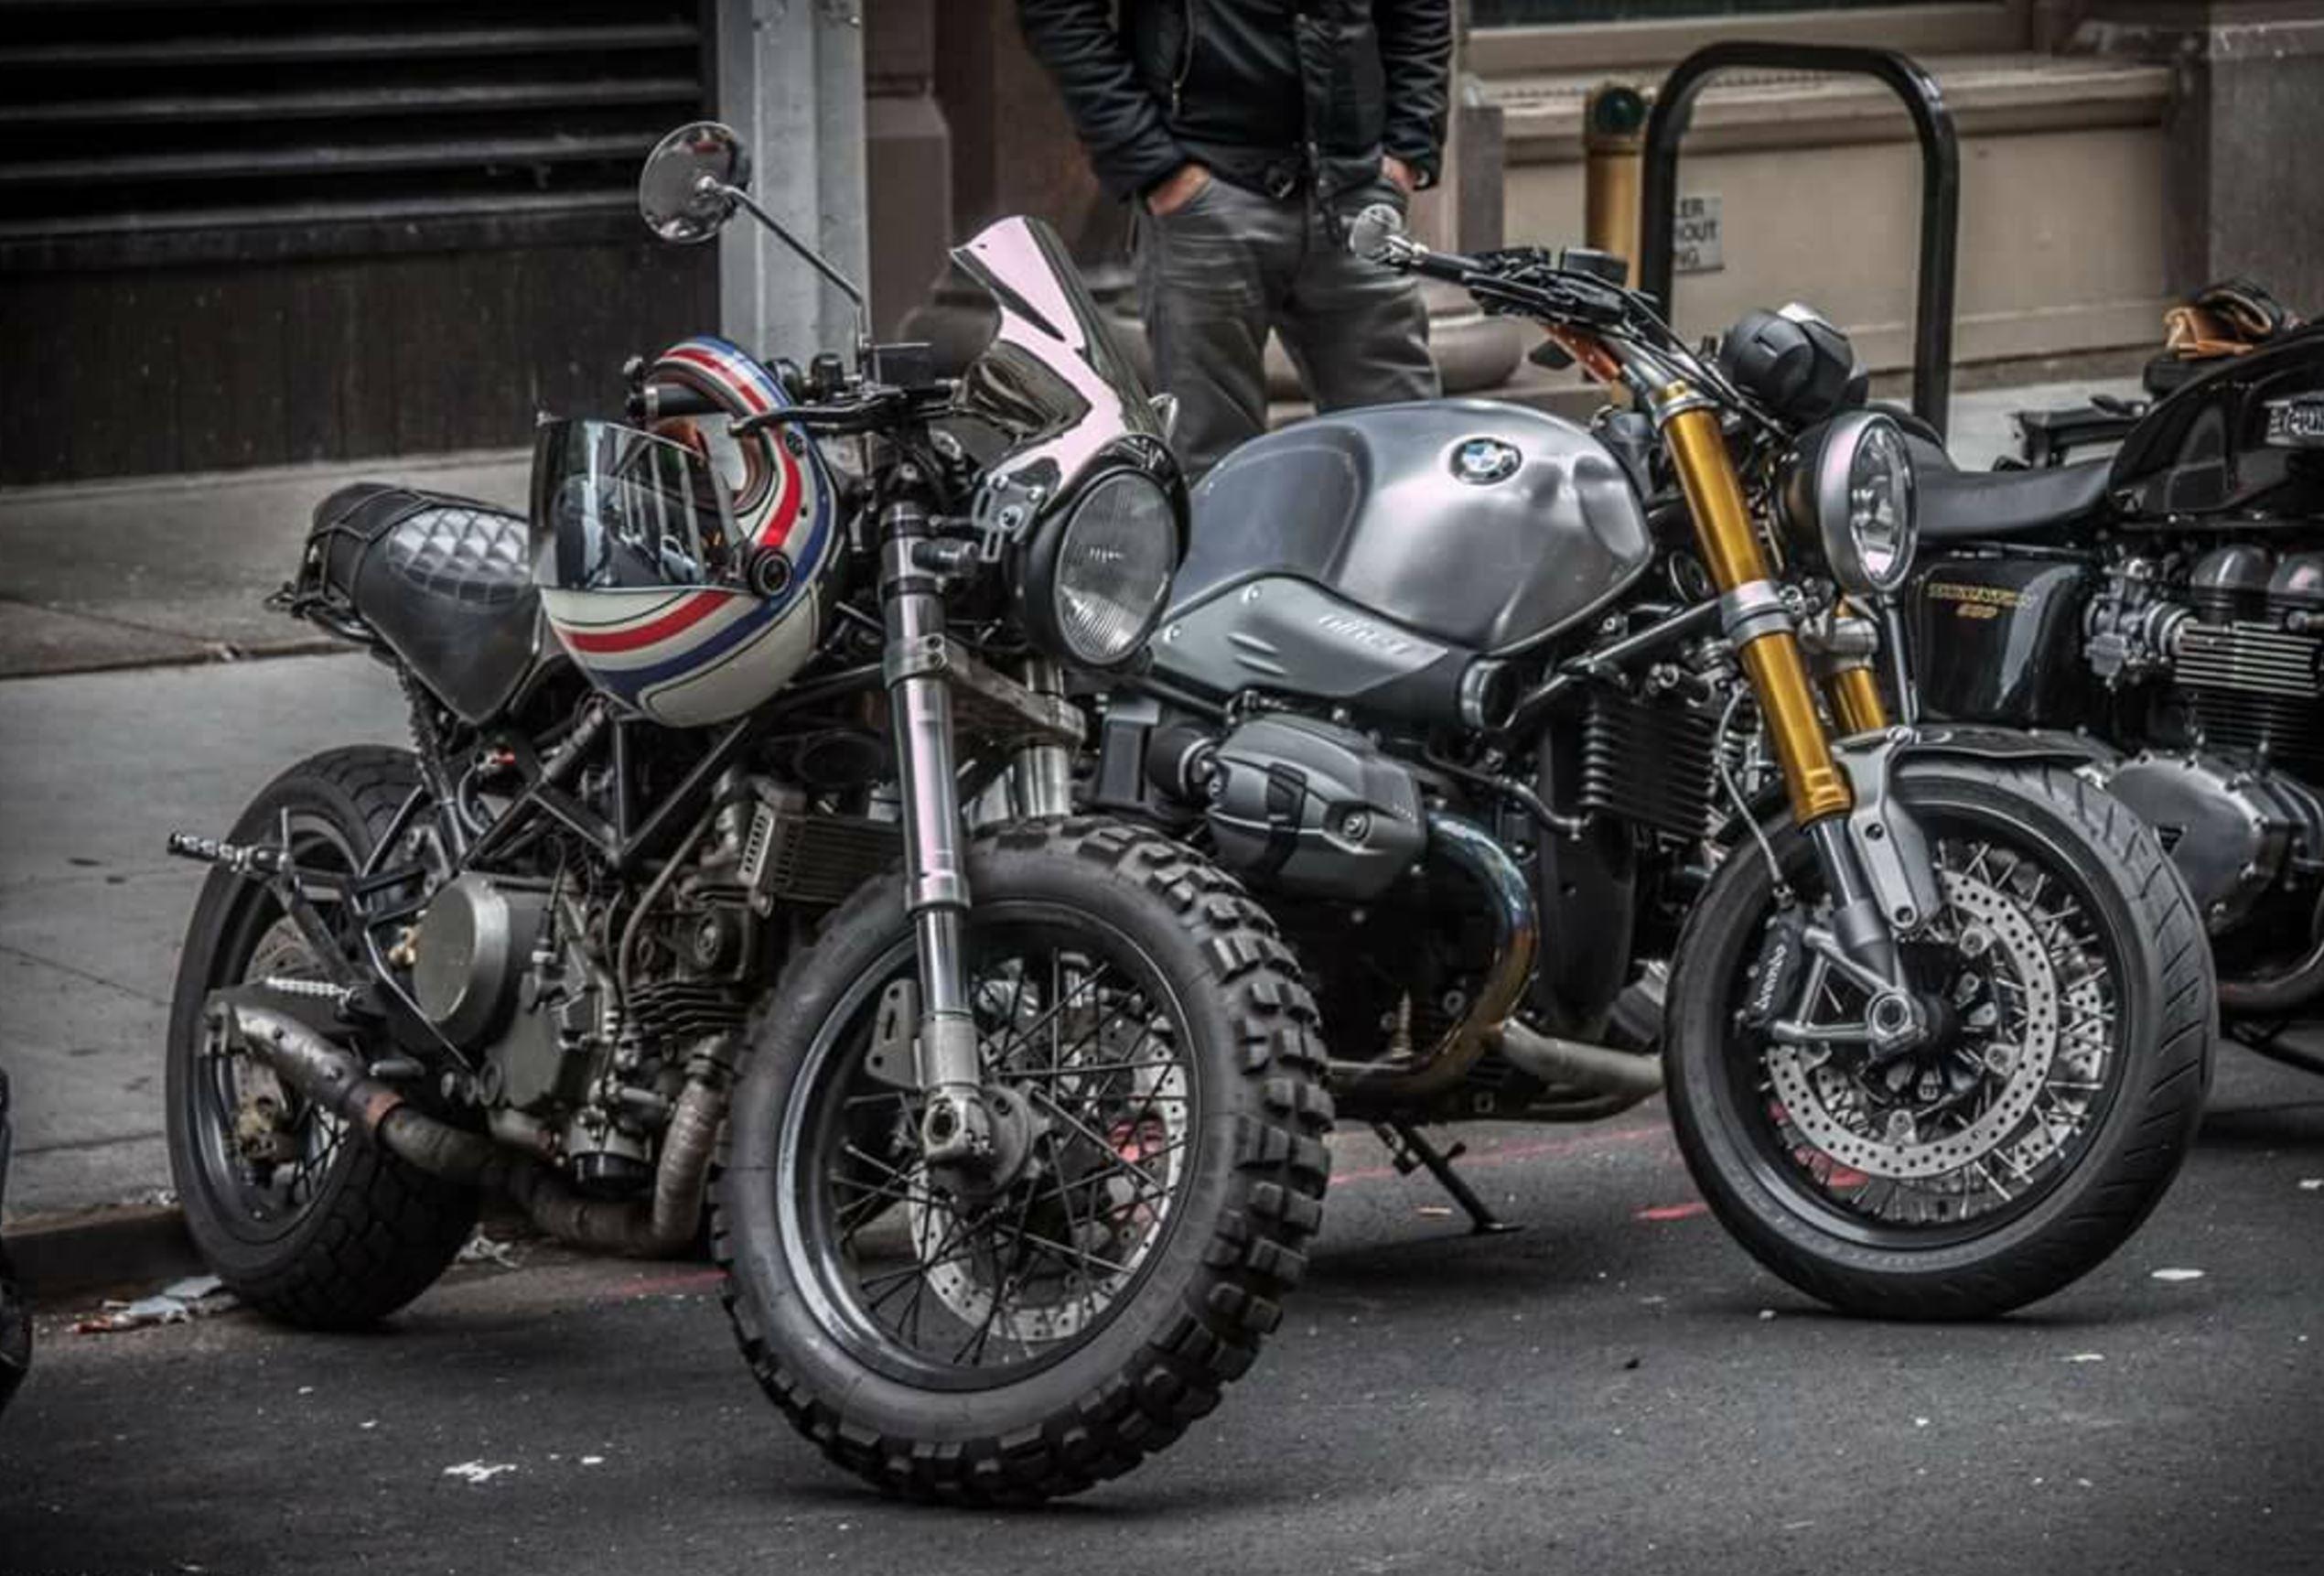 Ducati Monster For Sale Craigslist